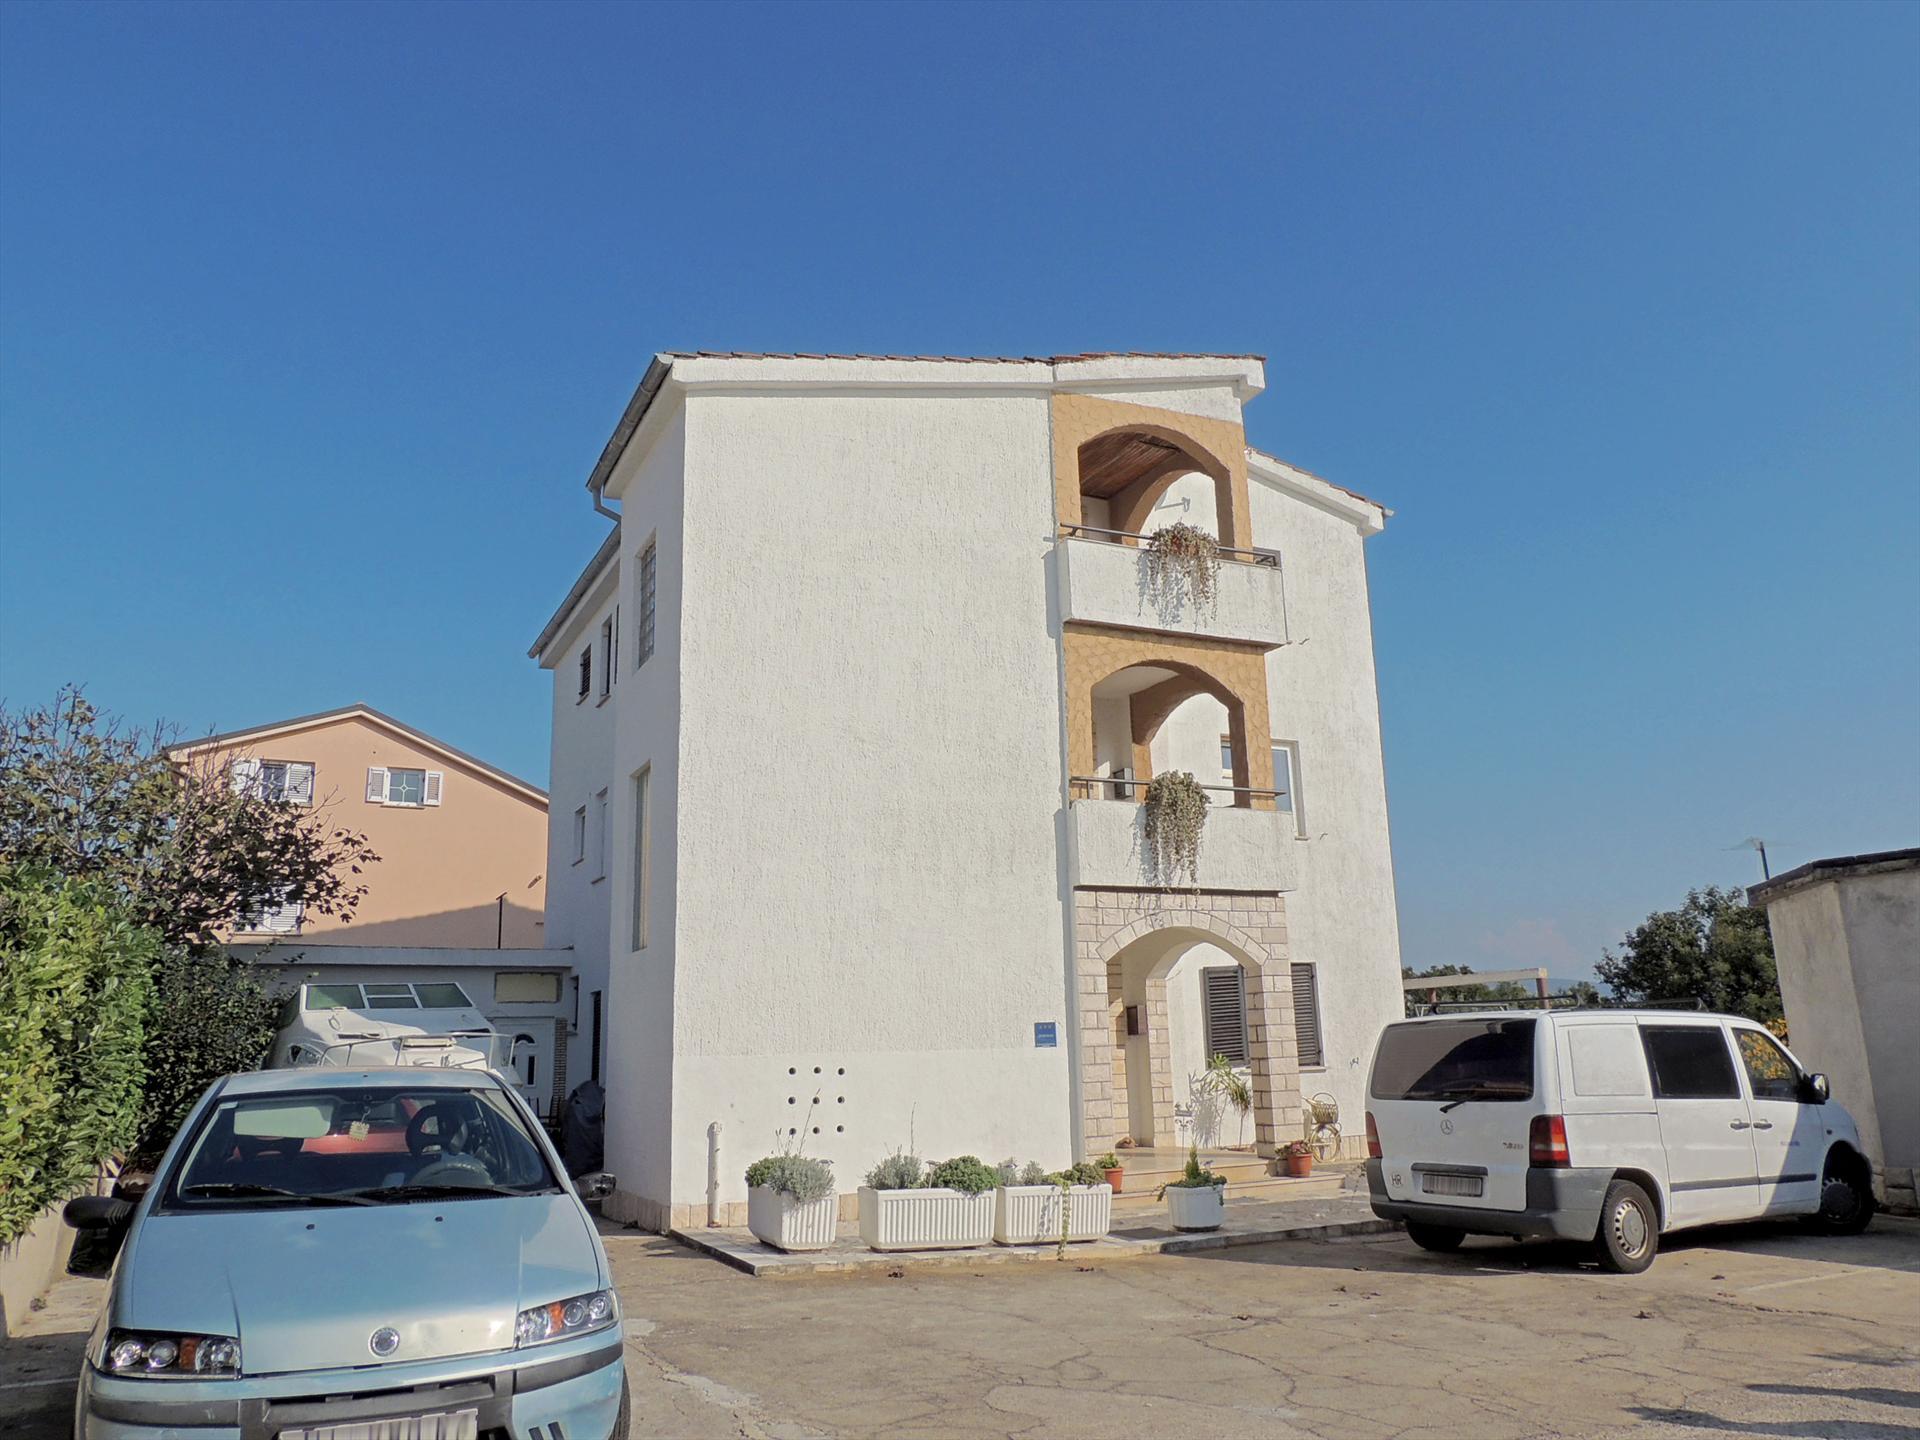 Lovely studio - near the beach, balcony with sea view, private parking, wi-fi,Estudio precioso y romántico en Krk, Island Krk, Croacia para 2 personas...